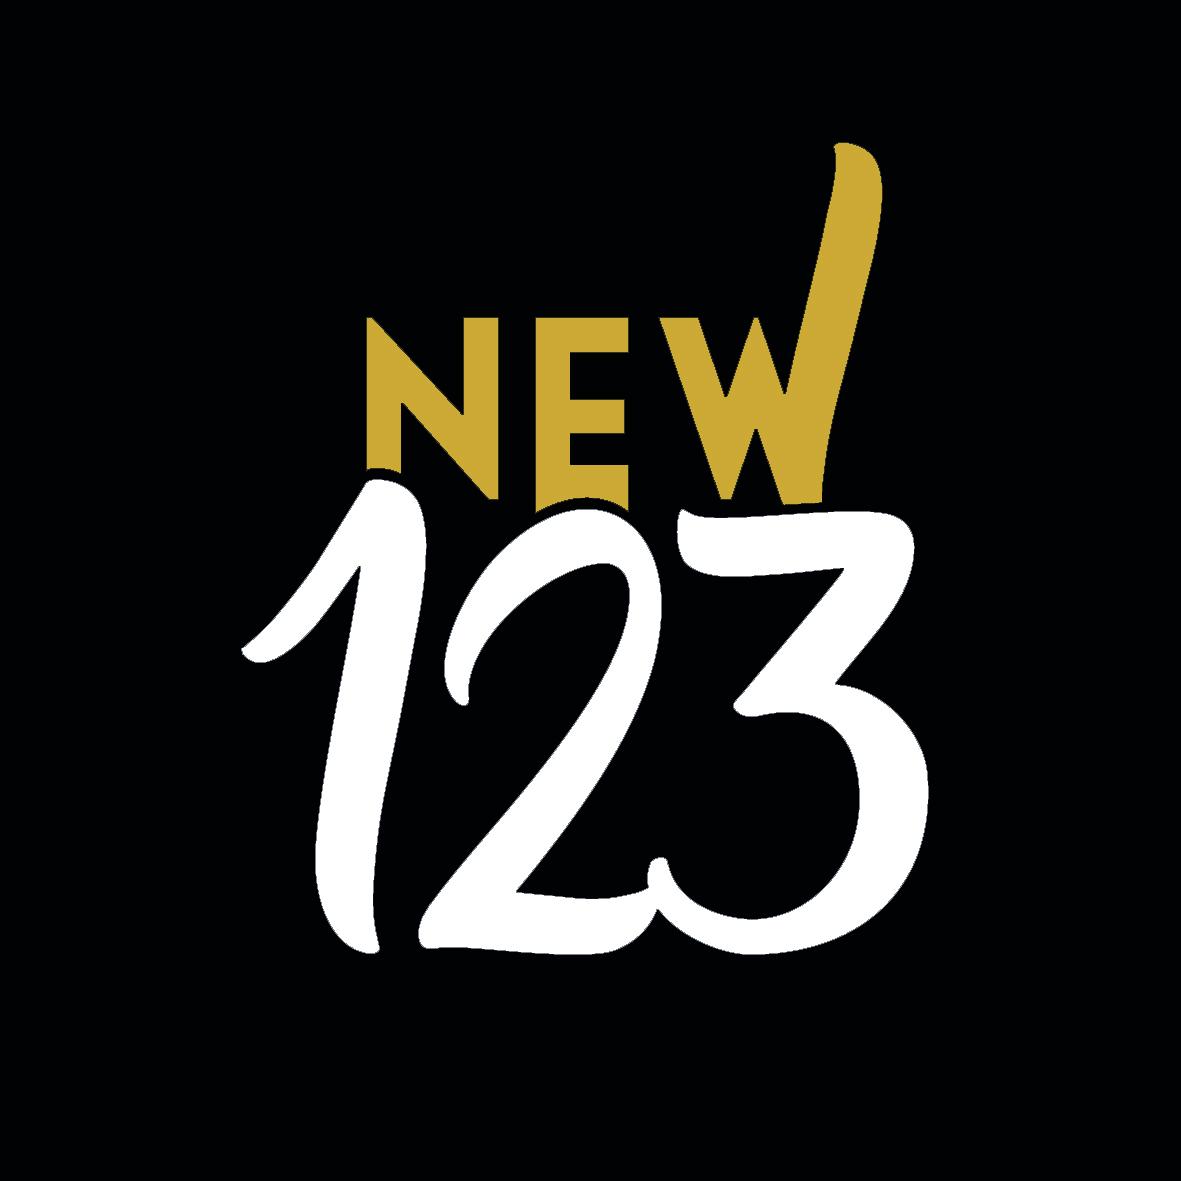 NEW 123